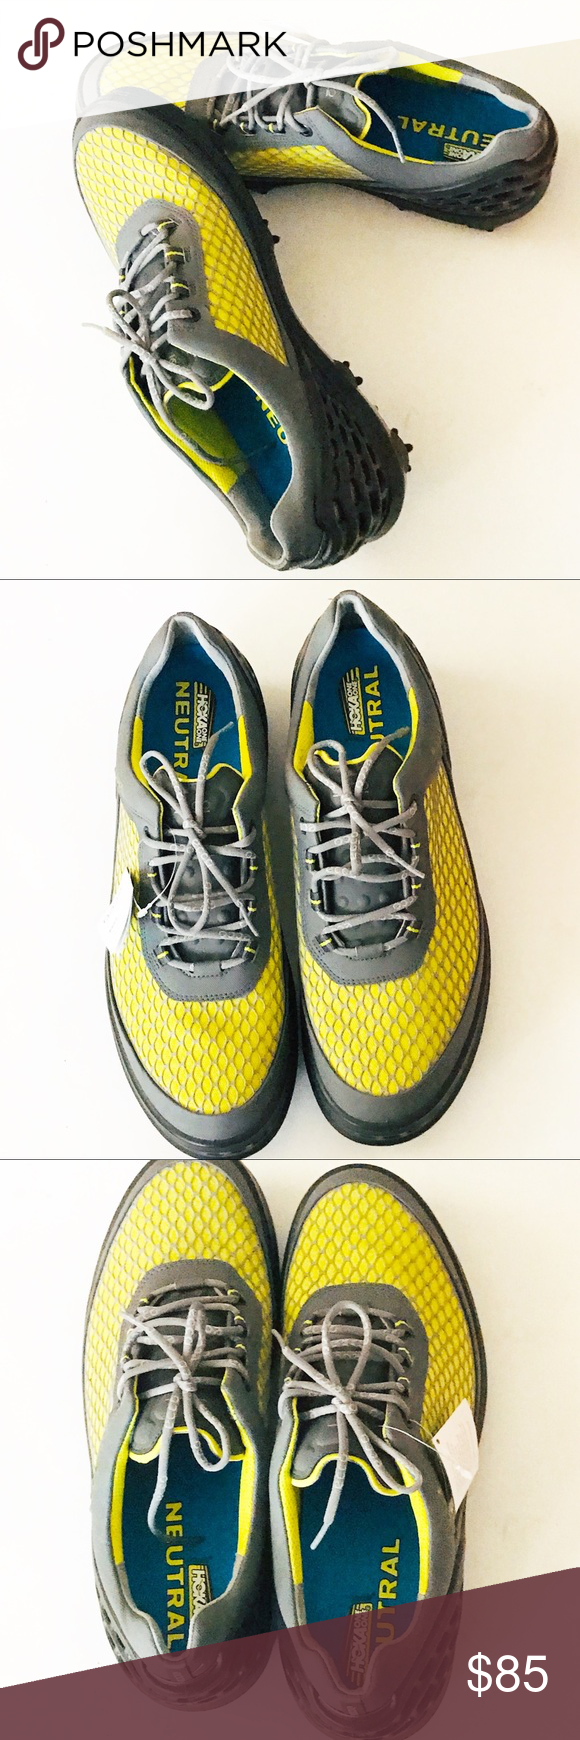 Hoka One | NWOT - Hydra Max Golf Shoes